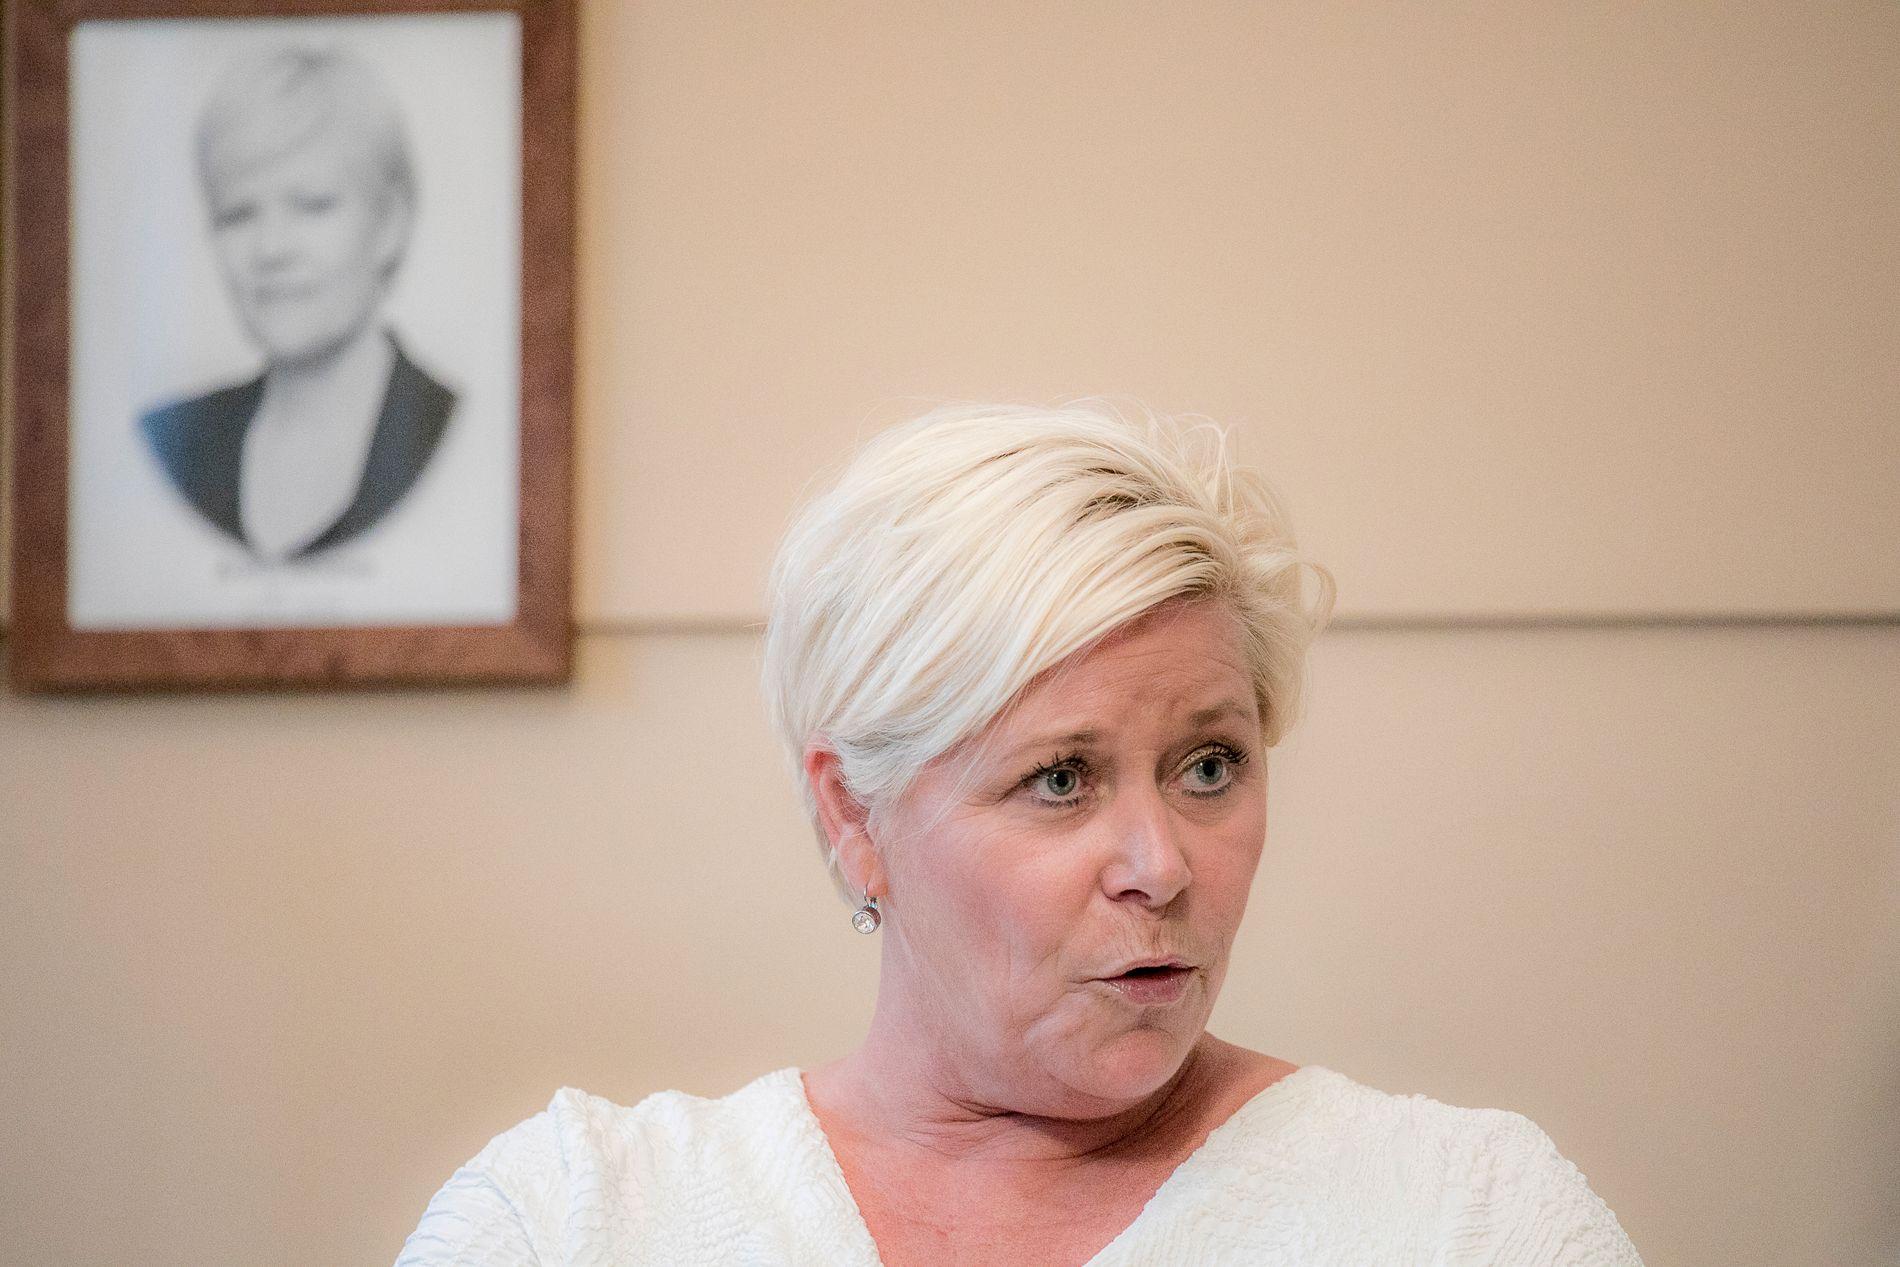 BANK PÅ: Finansminister Siv Jensen ber norske lånekunder presse bankene sine til lavere rente – eller bytte bank.